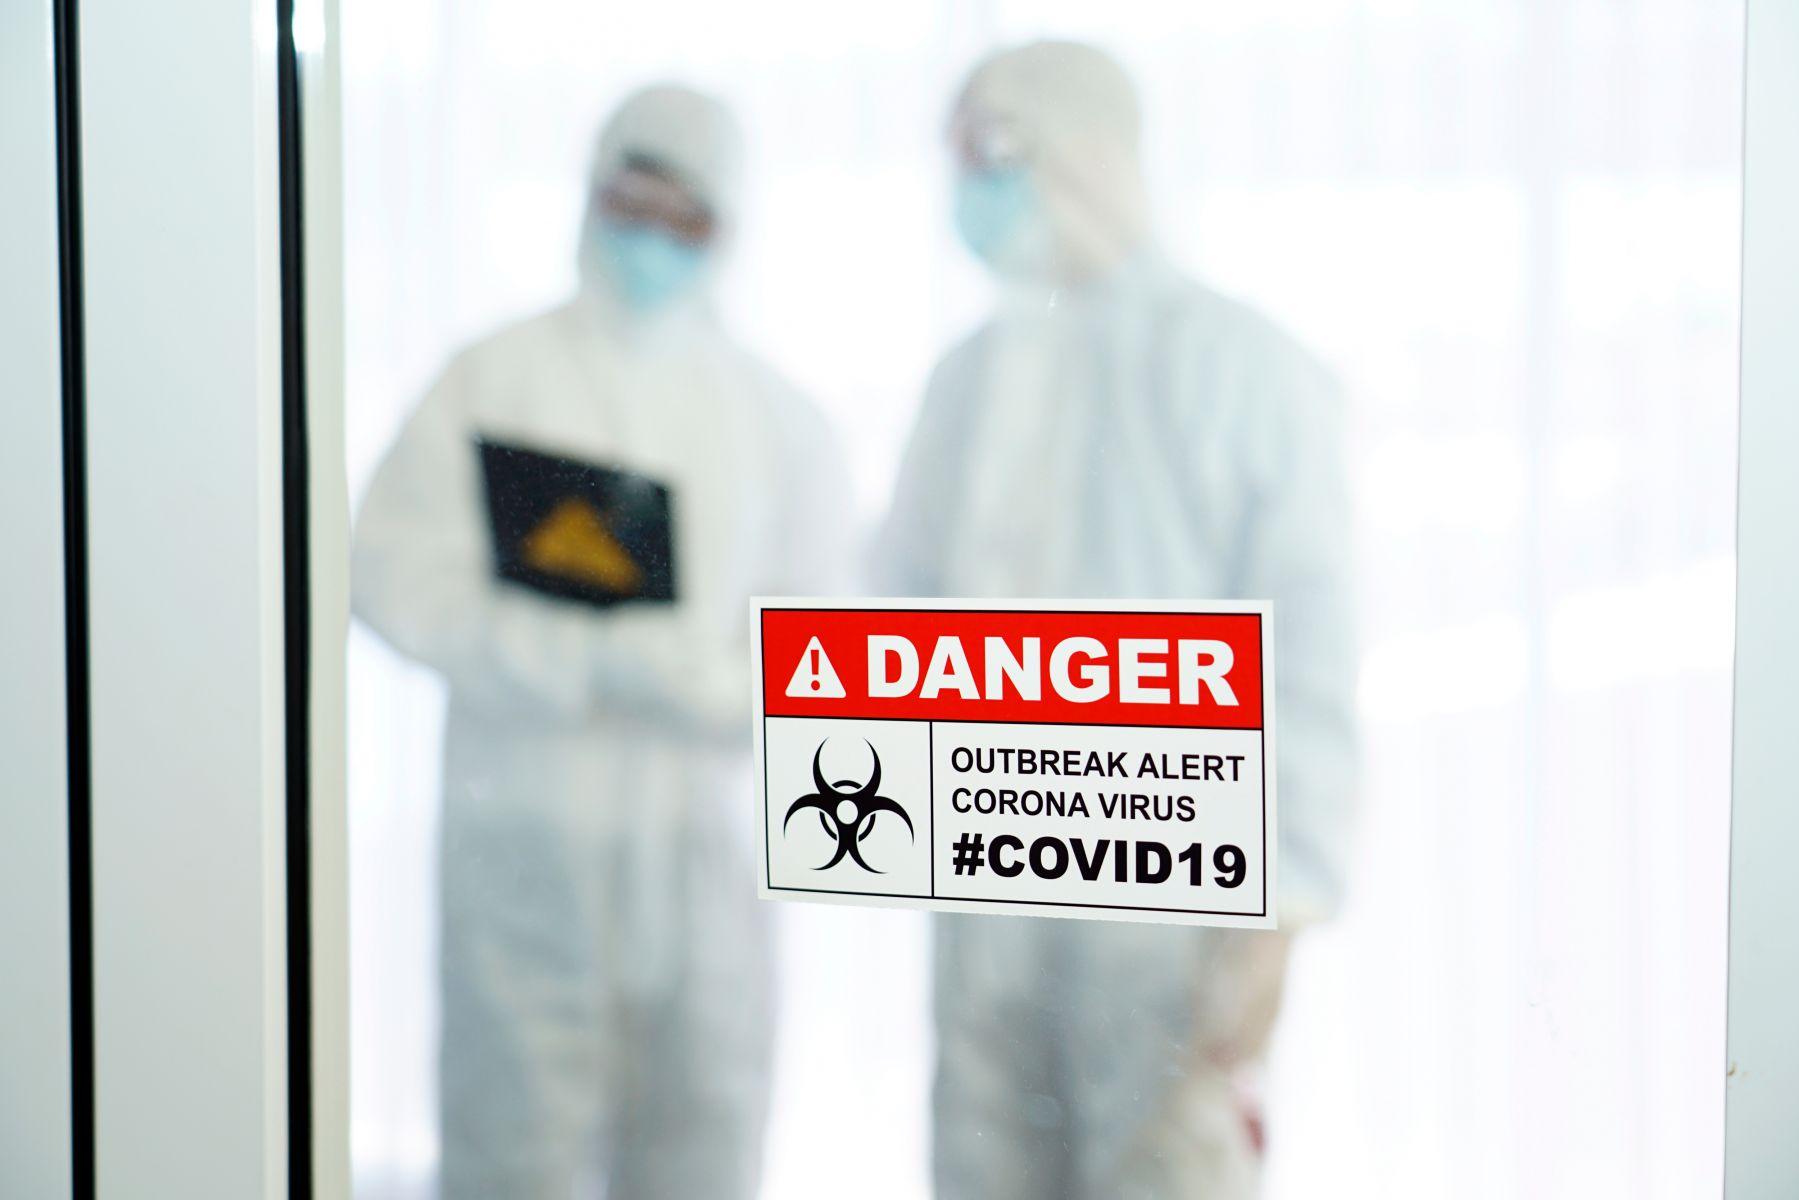 武漢肺炎確診感染者12名有3人無發燒、感冒症狀!未發病就有散布病毒能力...這2招避免被傳染最有力